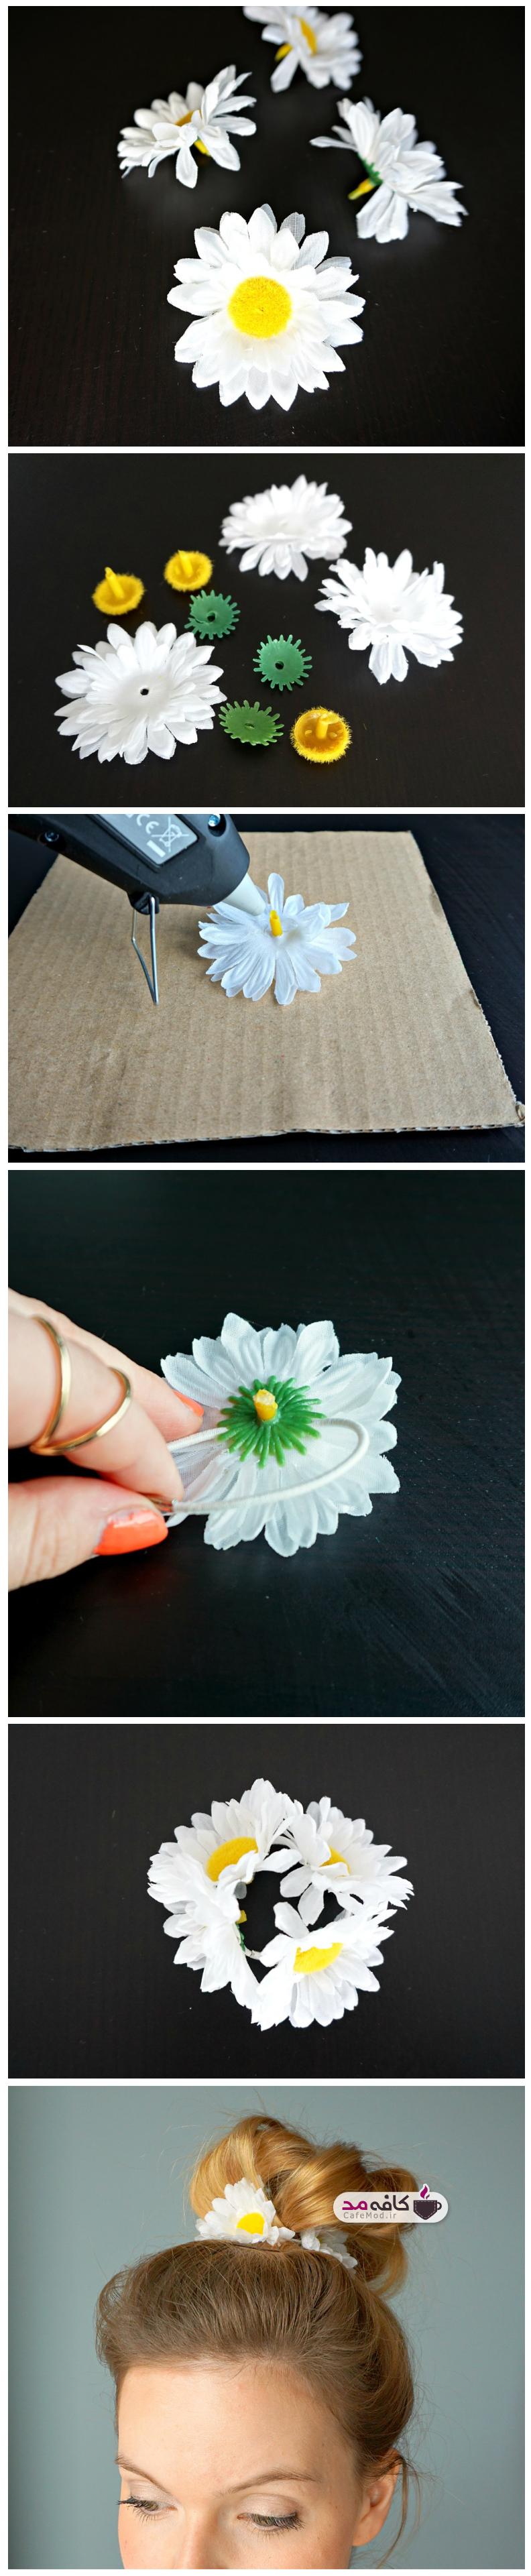 آموزش گل سر گلدار